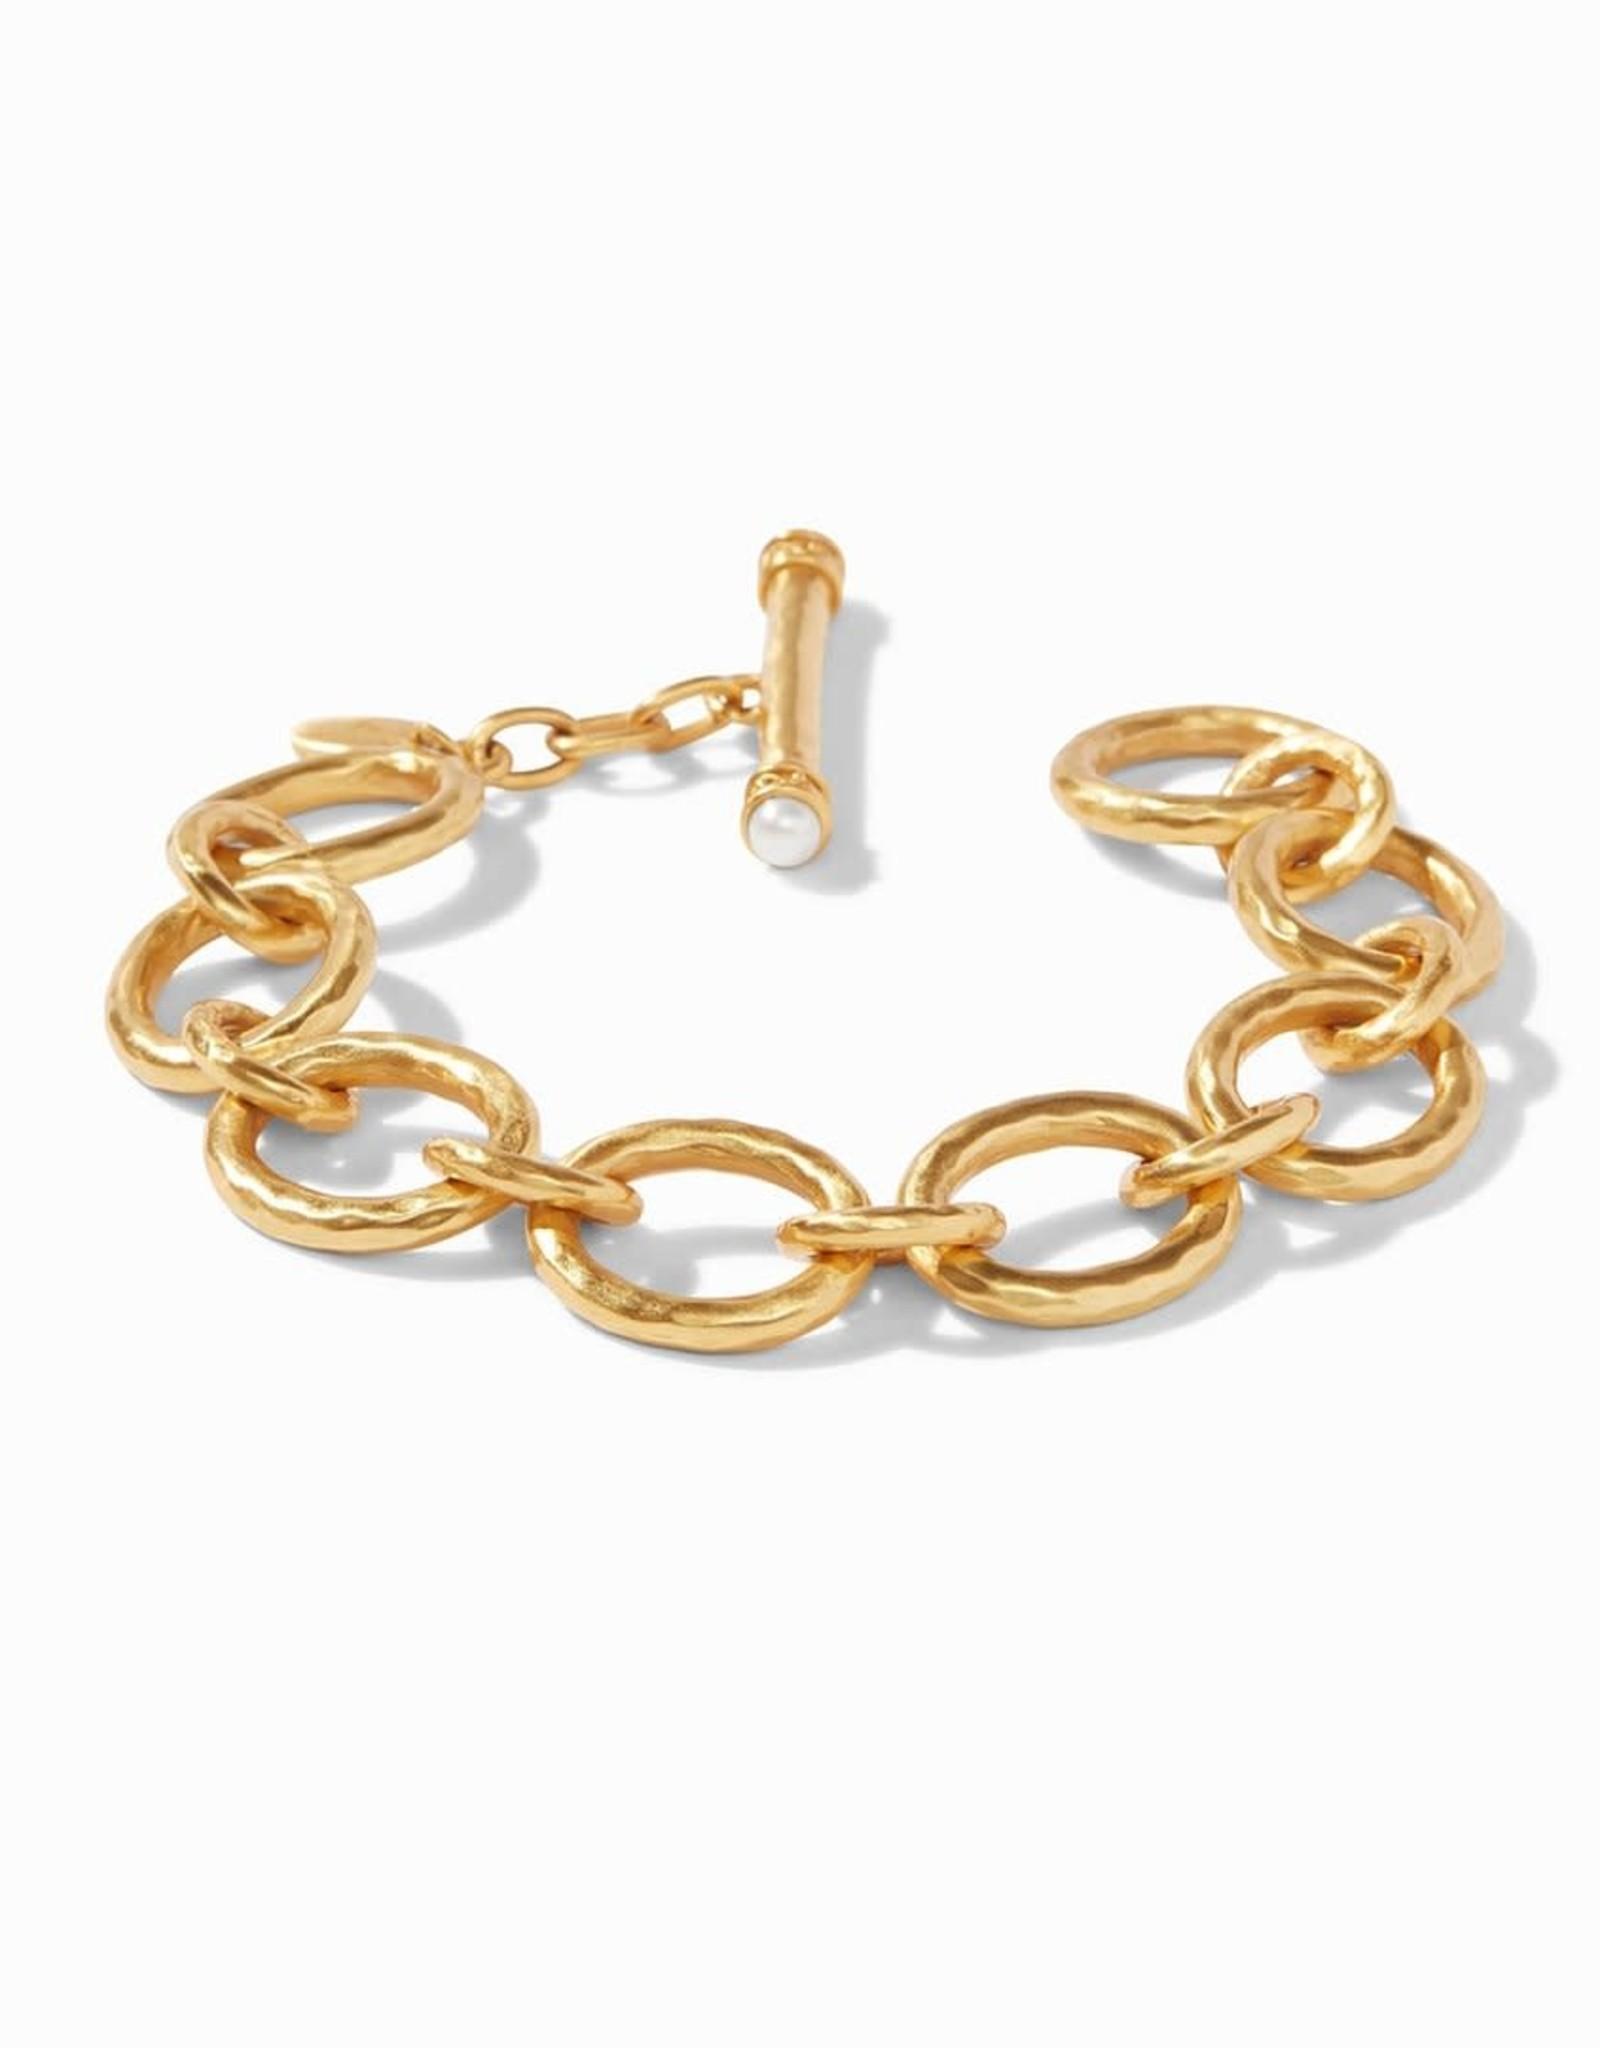 Julie Vos Julie Voss Catalina Small Link Bracelet